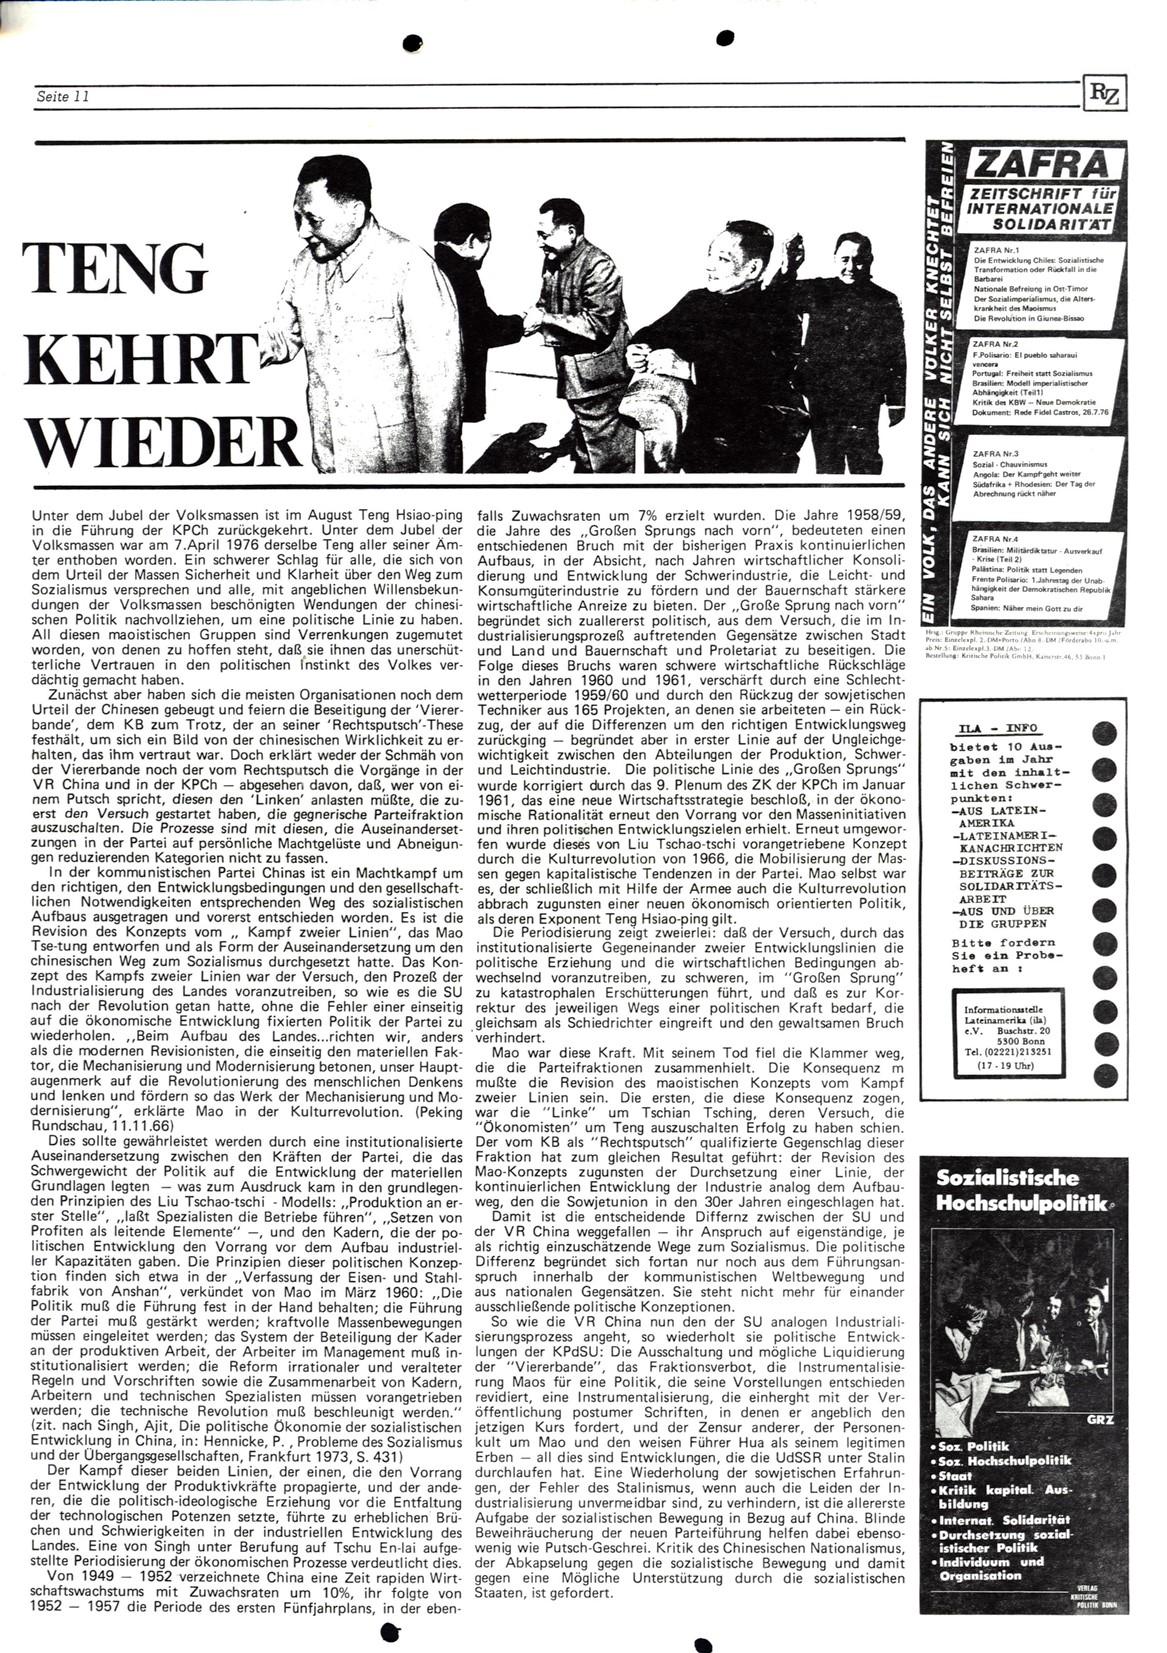 Bonn_RZ_12_19771100_11